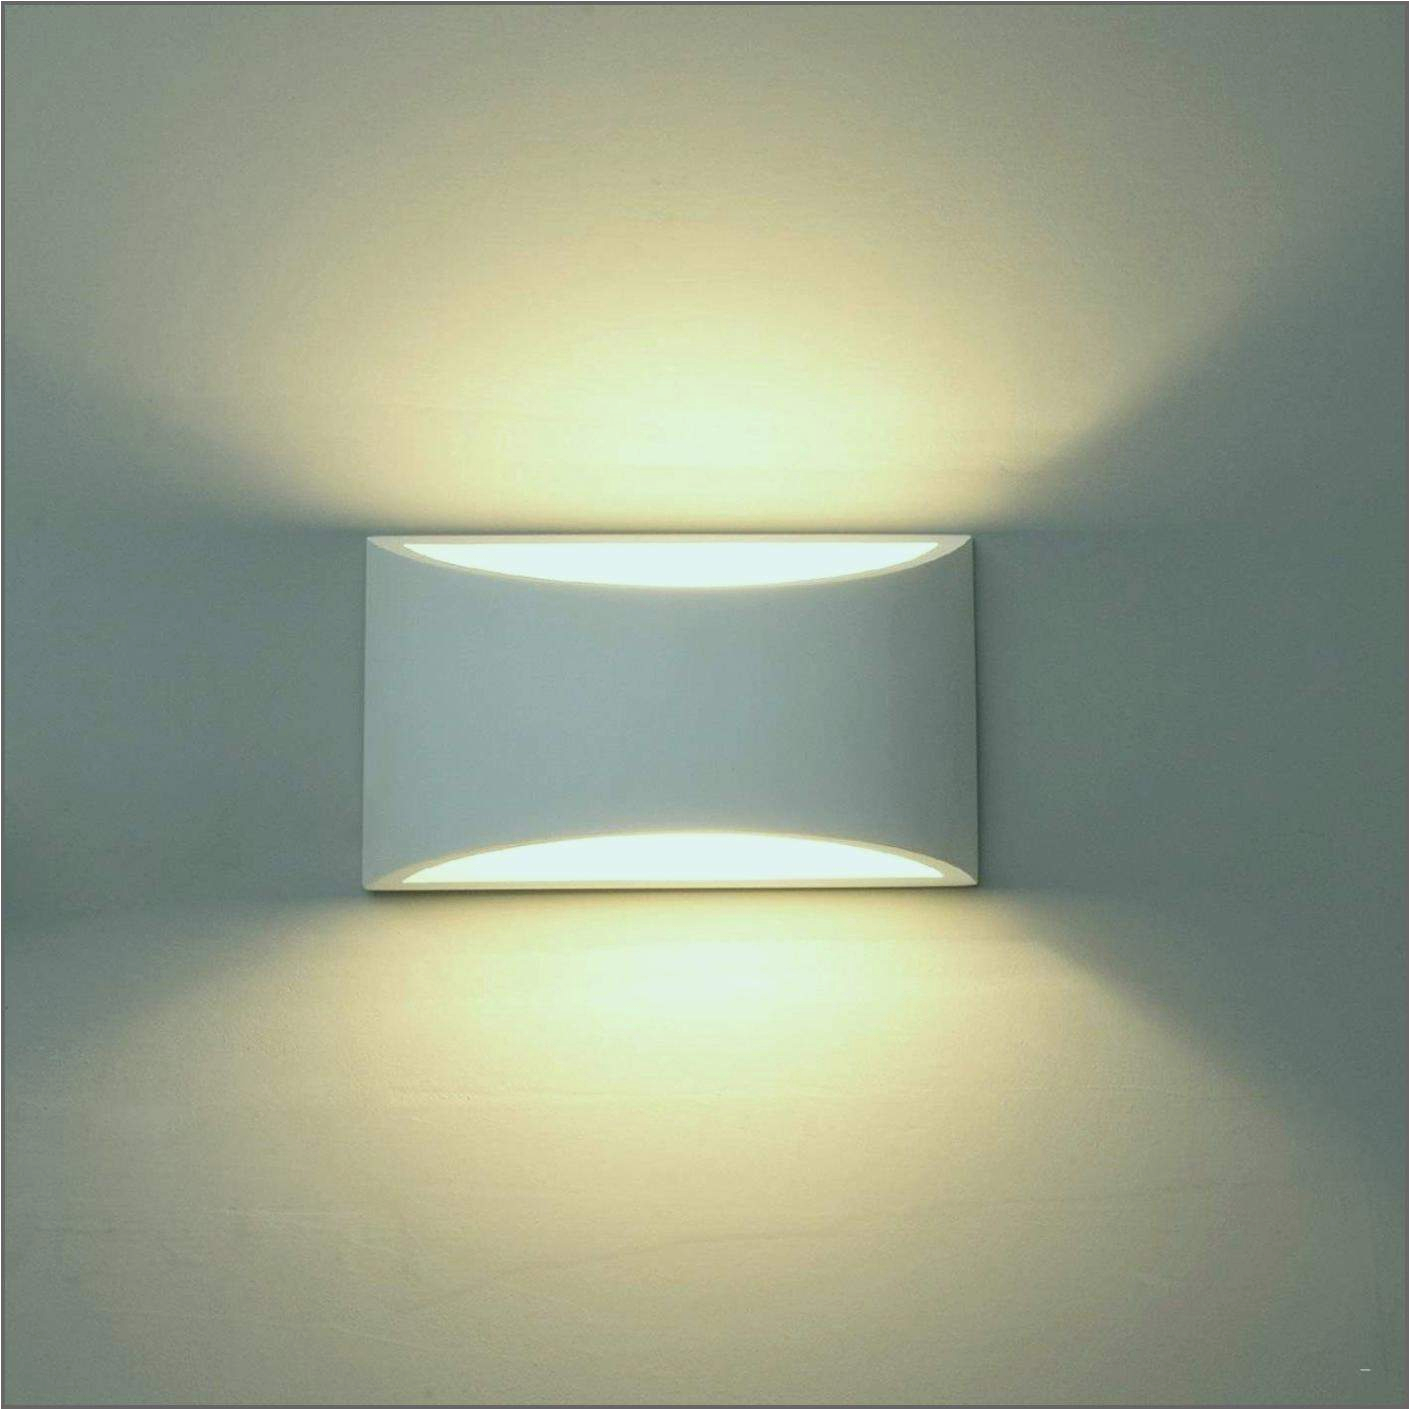 led deckenleuchte wohnzimmer dimmbar elegant 38 beste und gemutlich led wohnzimmer deckenlampen of led deckenleuchte wohnzimmer dimmbar